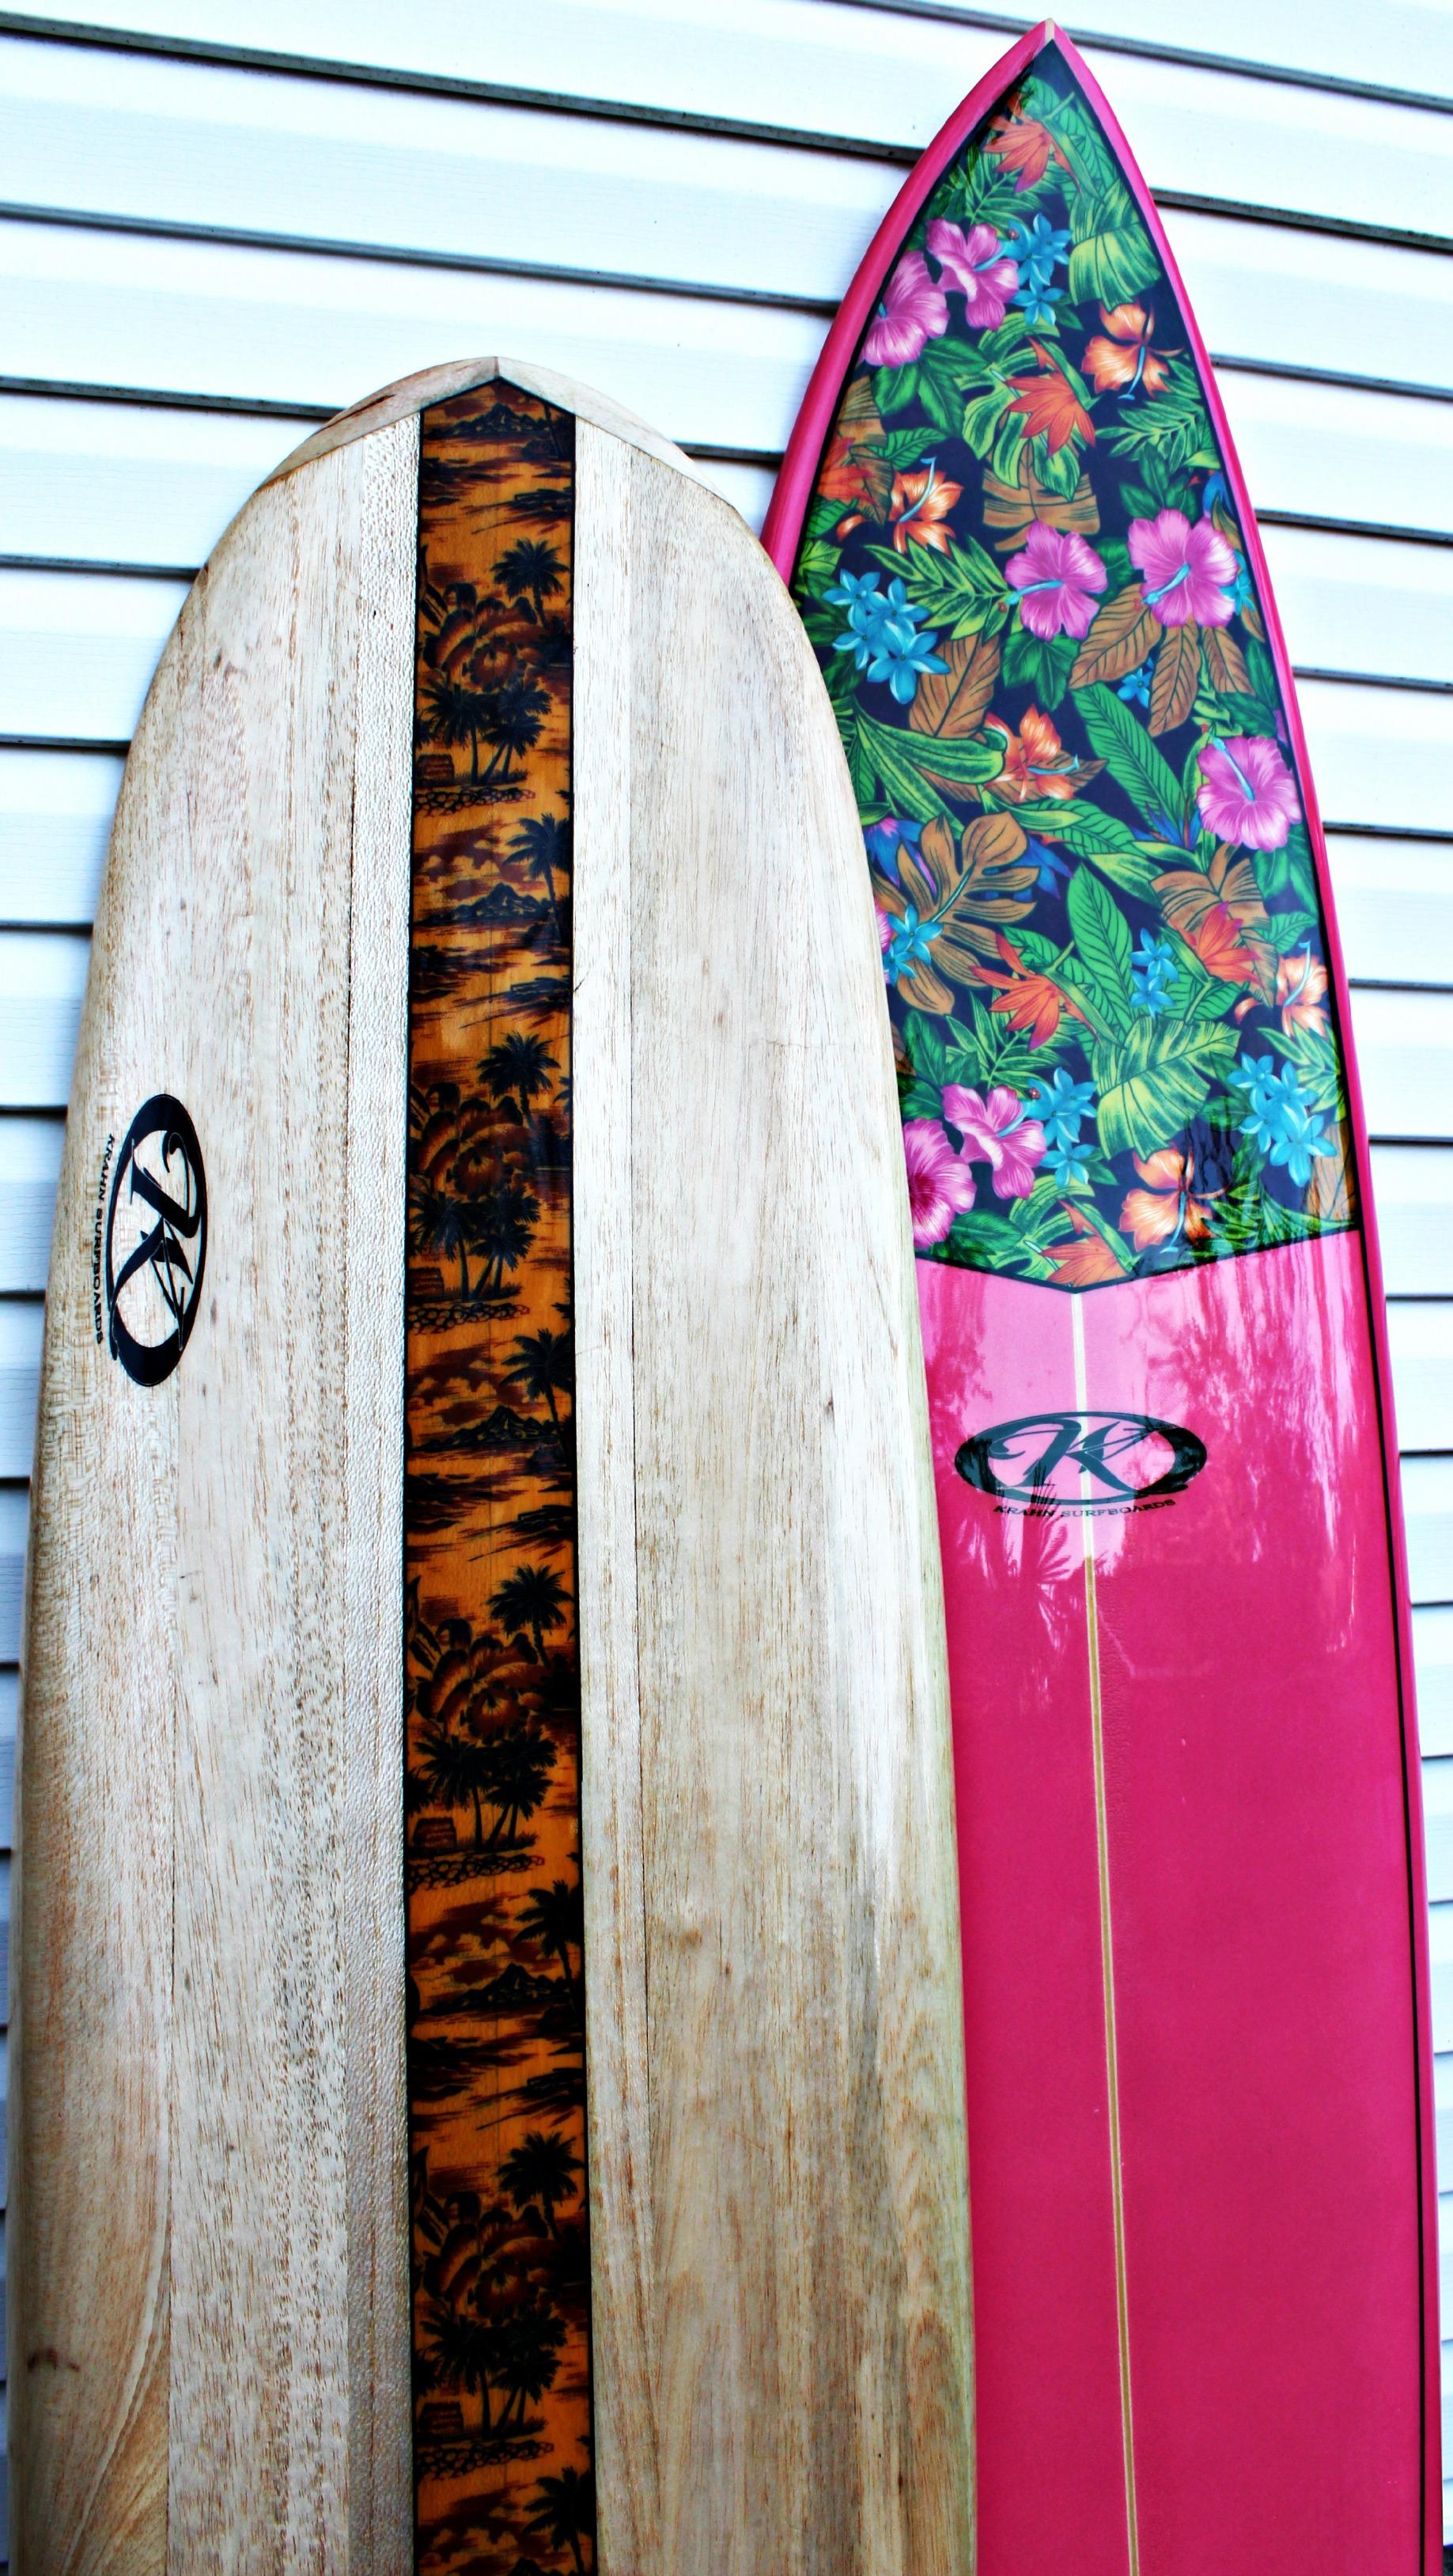 krahnsurfboards10